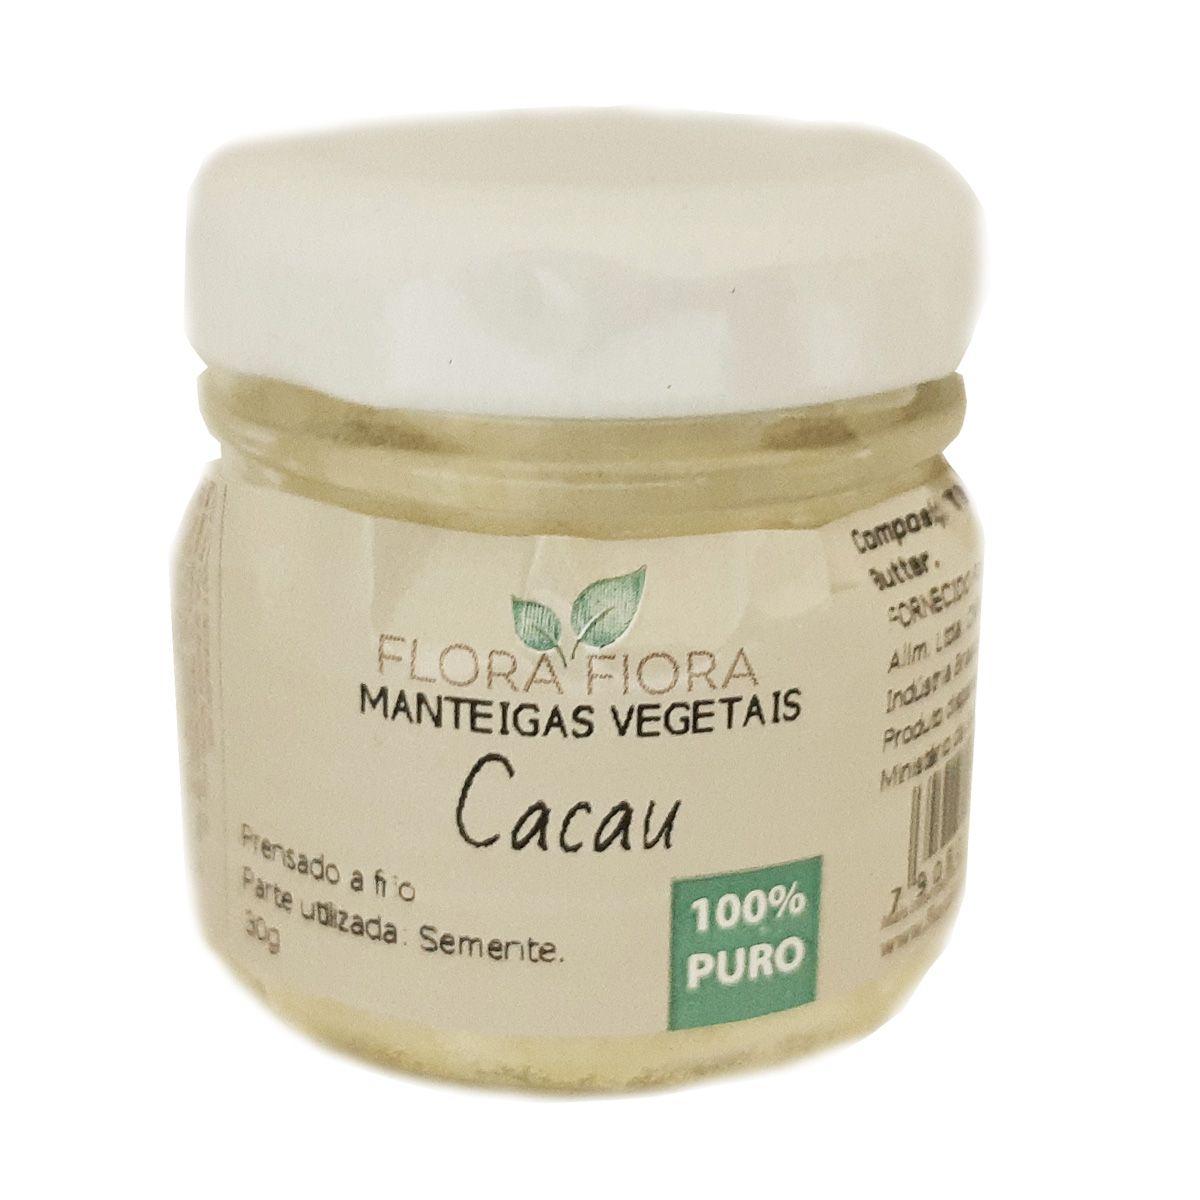 Manteiga Vegetal de Cacau - 30g